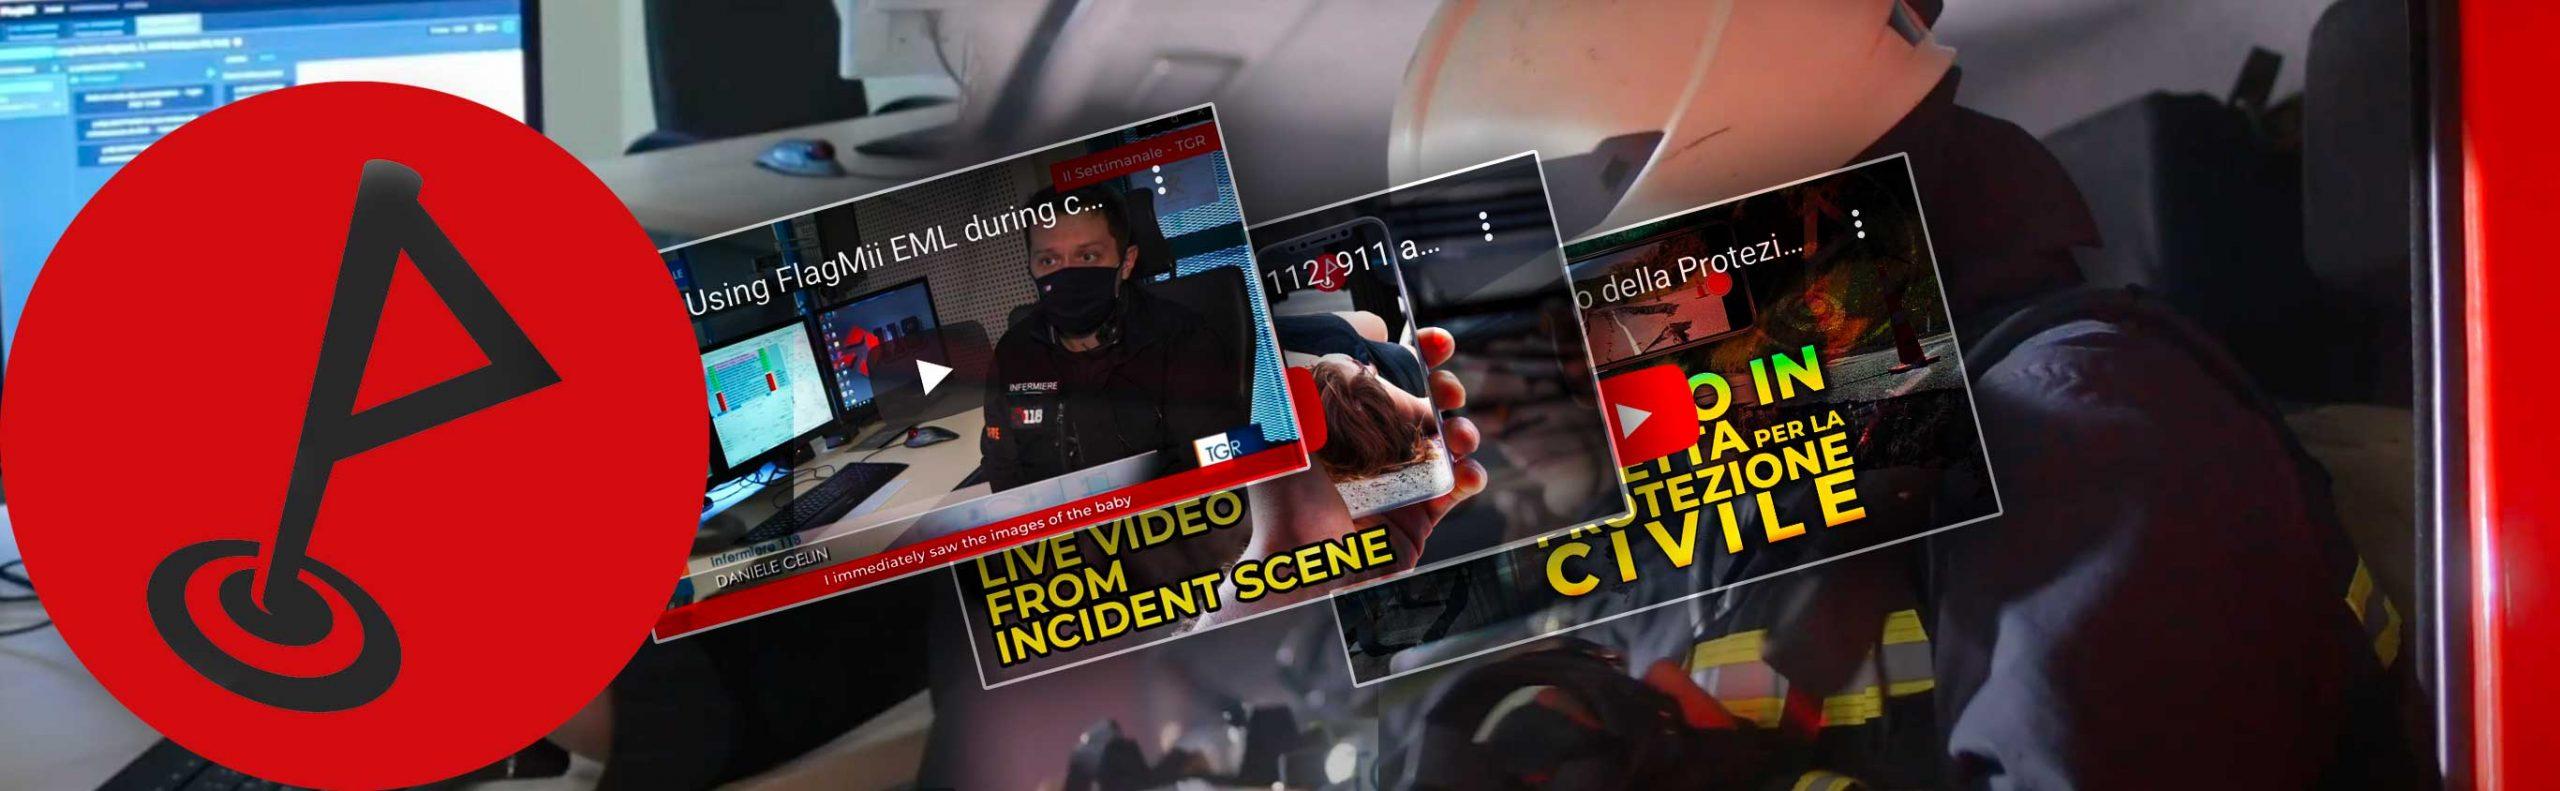 Video e Media